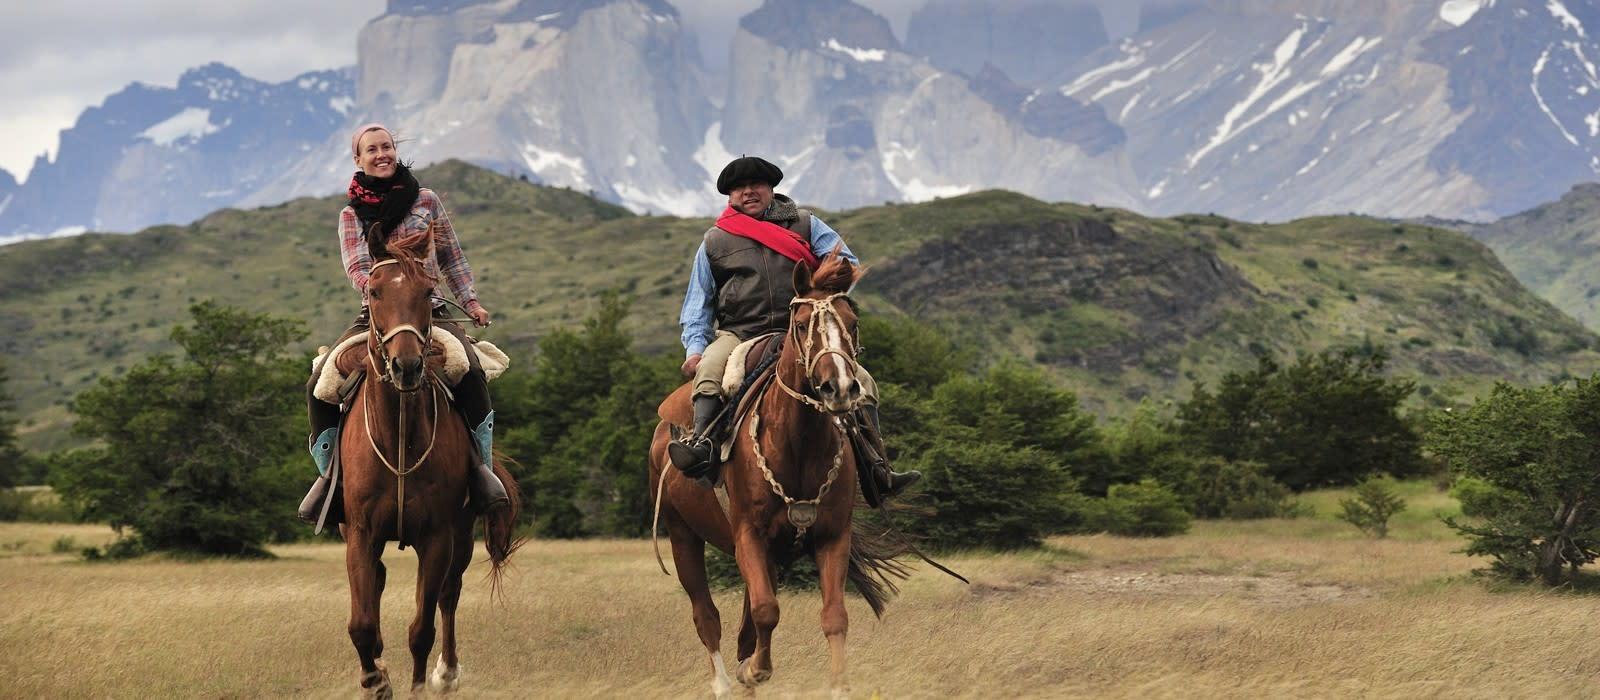 Chile Luxusreise: Traumhaft mit Tierra Urlaub 1